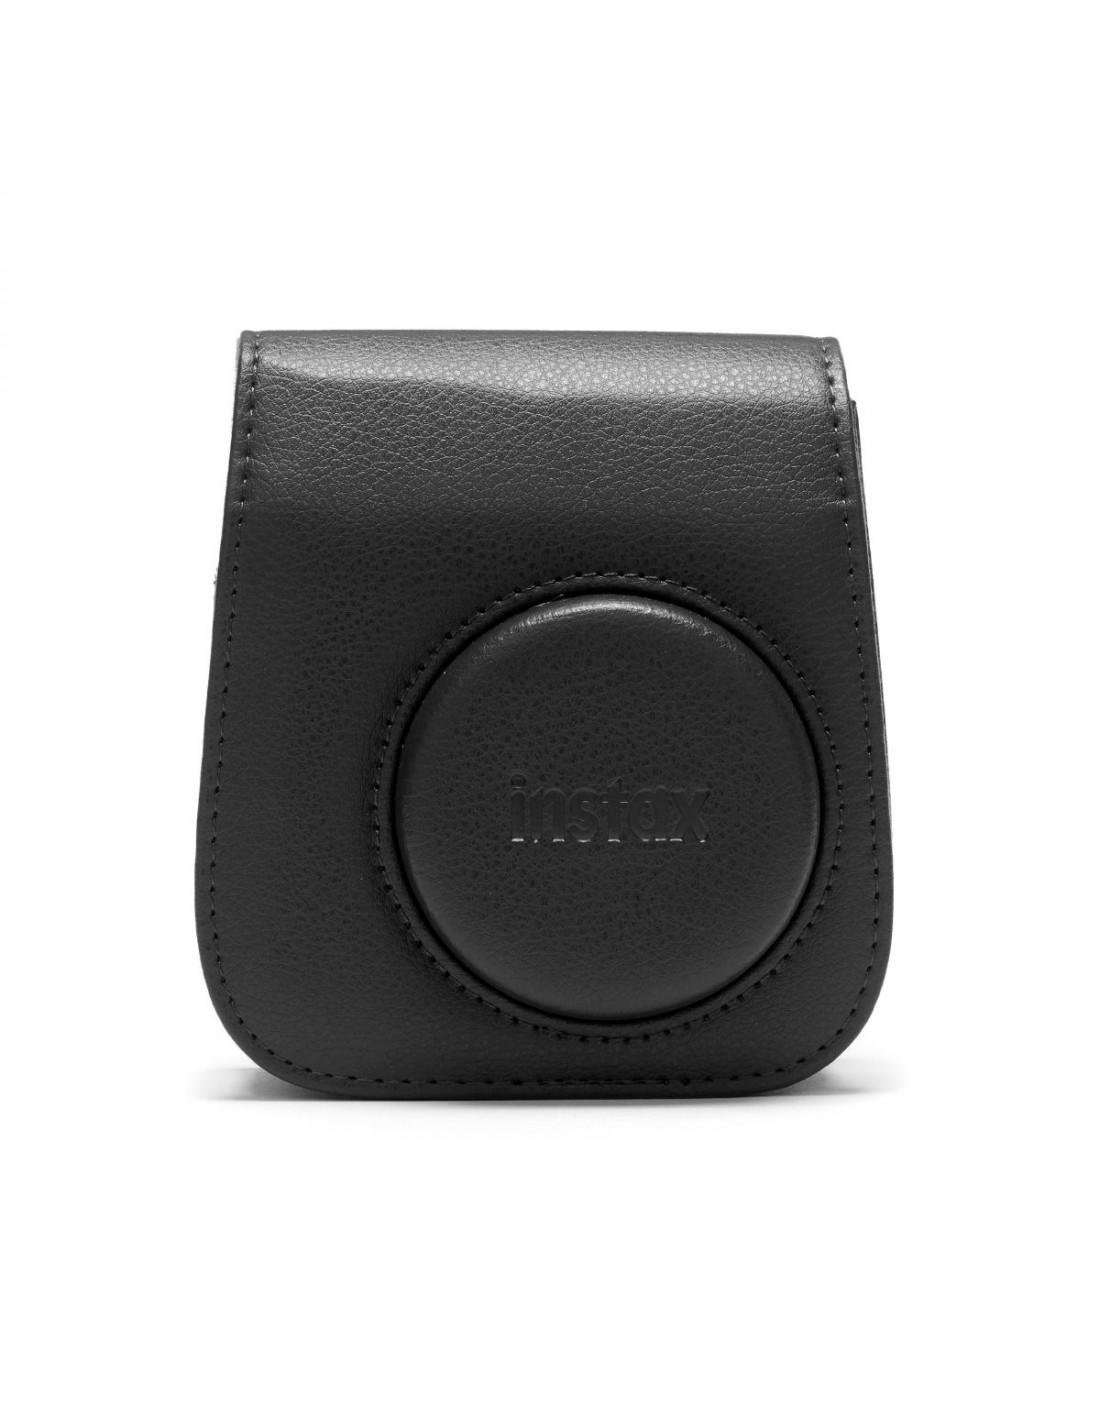 Θήκη Φωτογραφικής Μηχανής Fujifilm Instax Mini 11 Charcoal Grey image